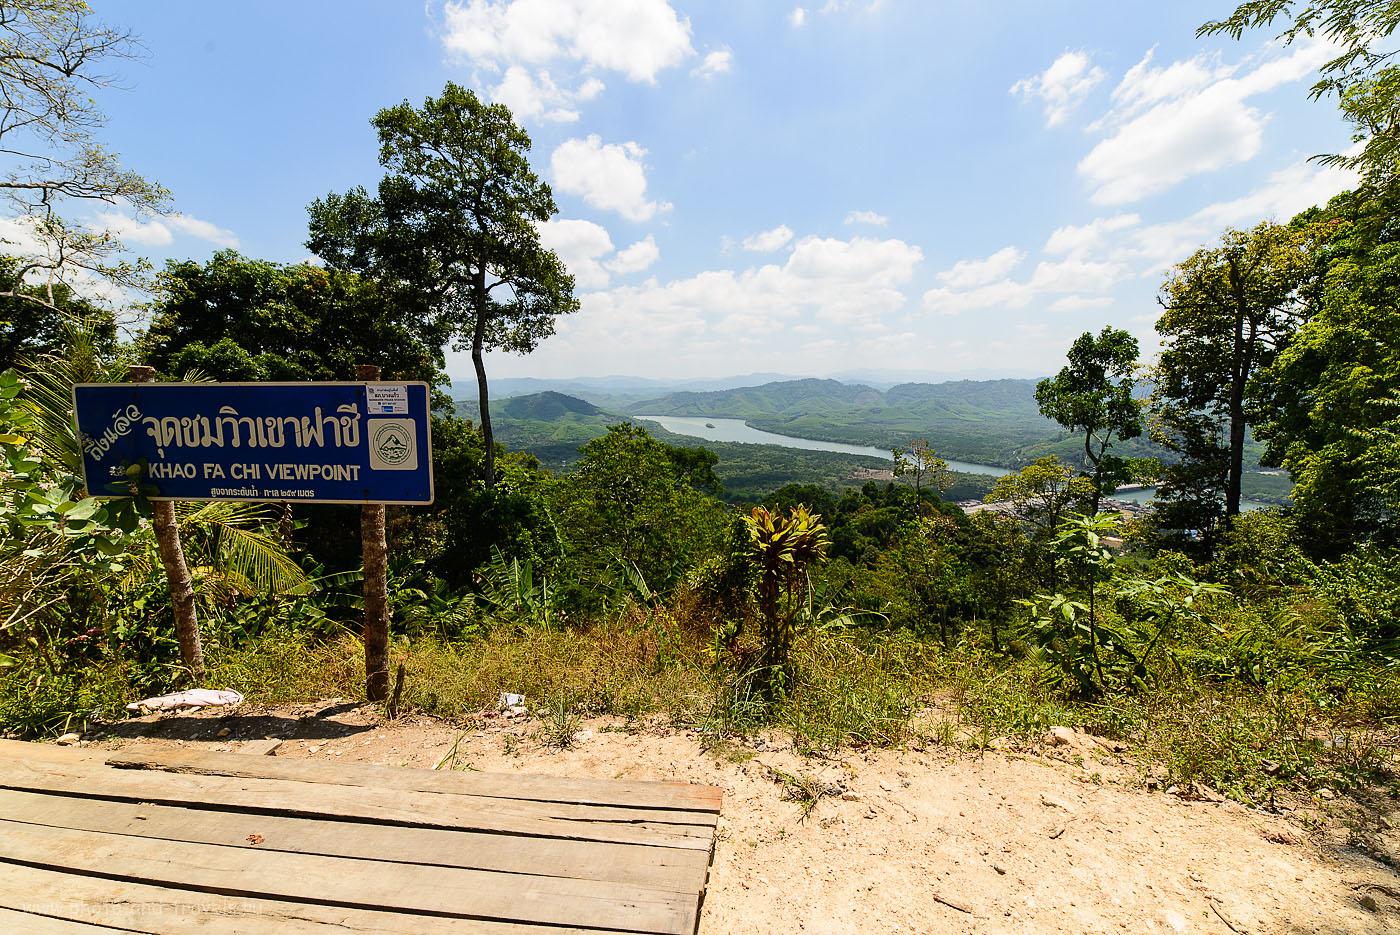 Фотография 20. Смотровая площадка Khao Fa Chi Viewpoint в окрестностях города Ранонг. Поездка по Таиланду на машине (зеркалкаNikonD610, ширикSamyang14/2.8, настройки: 100, 14, 10.0, 1/200)